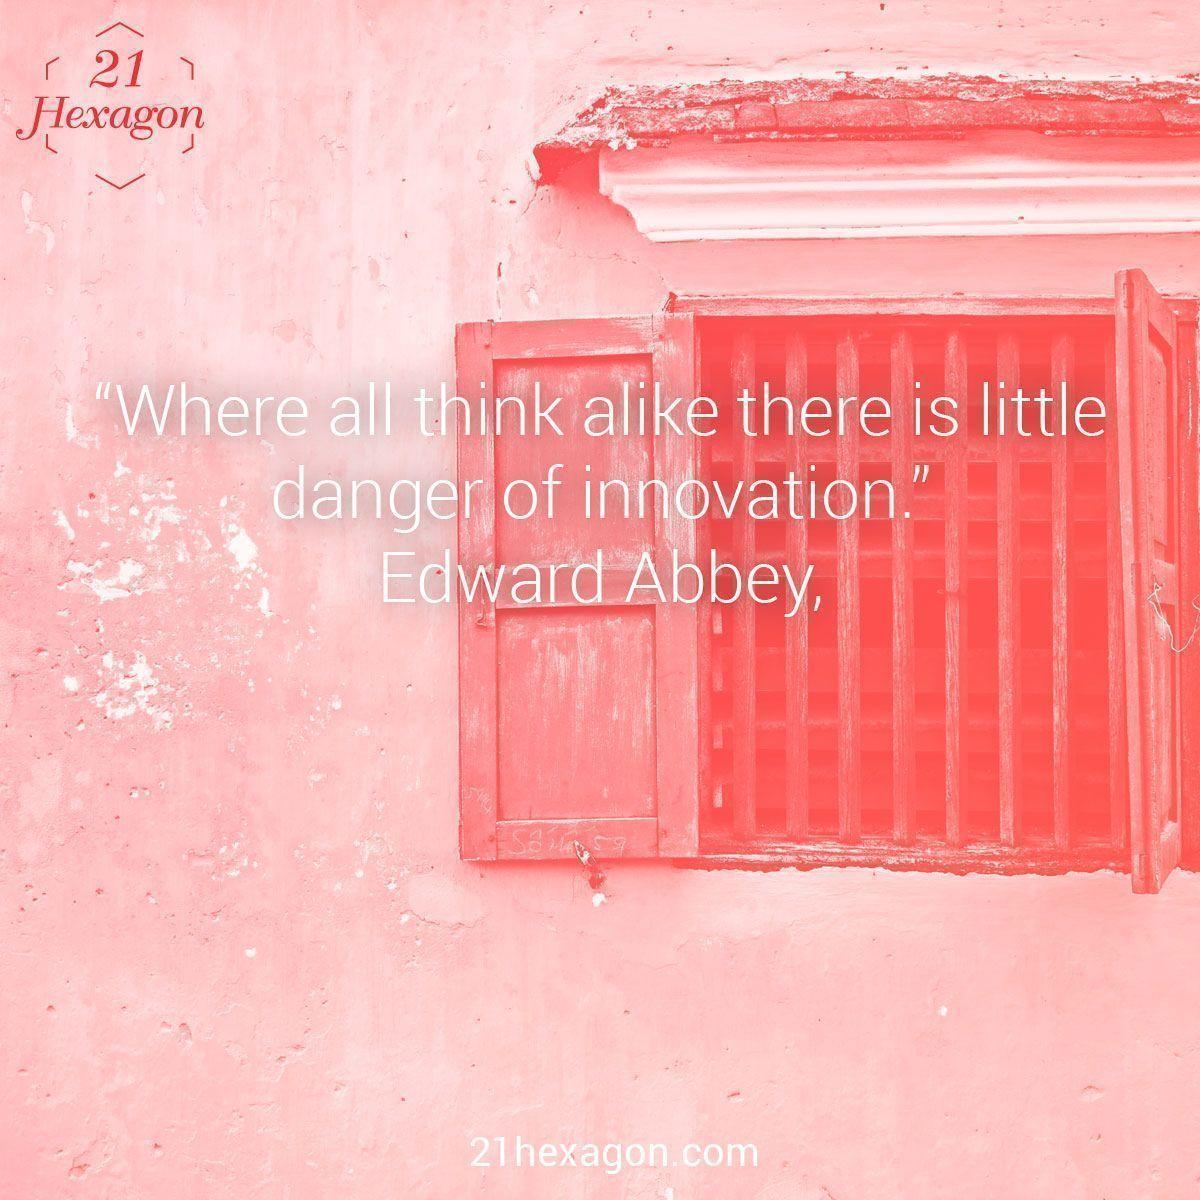 quotes_21hexagon_39.jpg